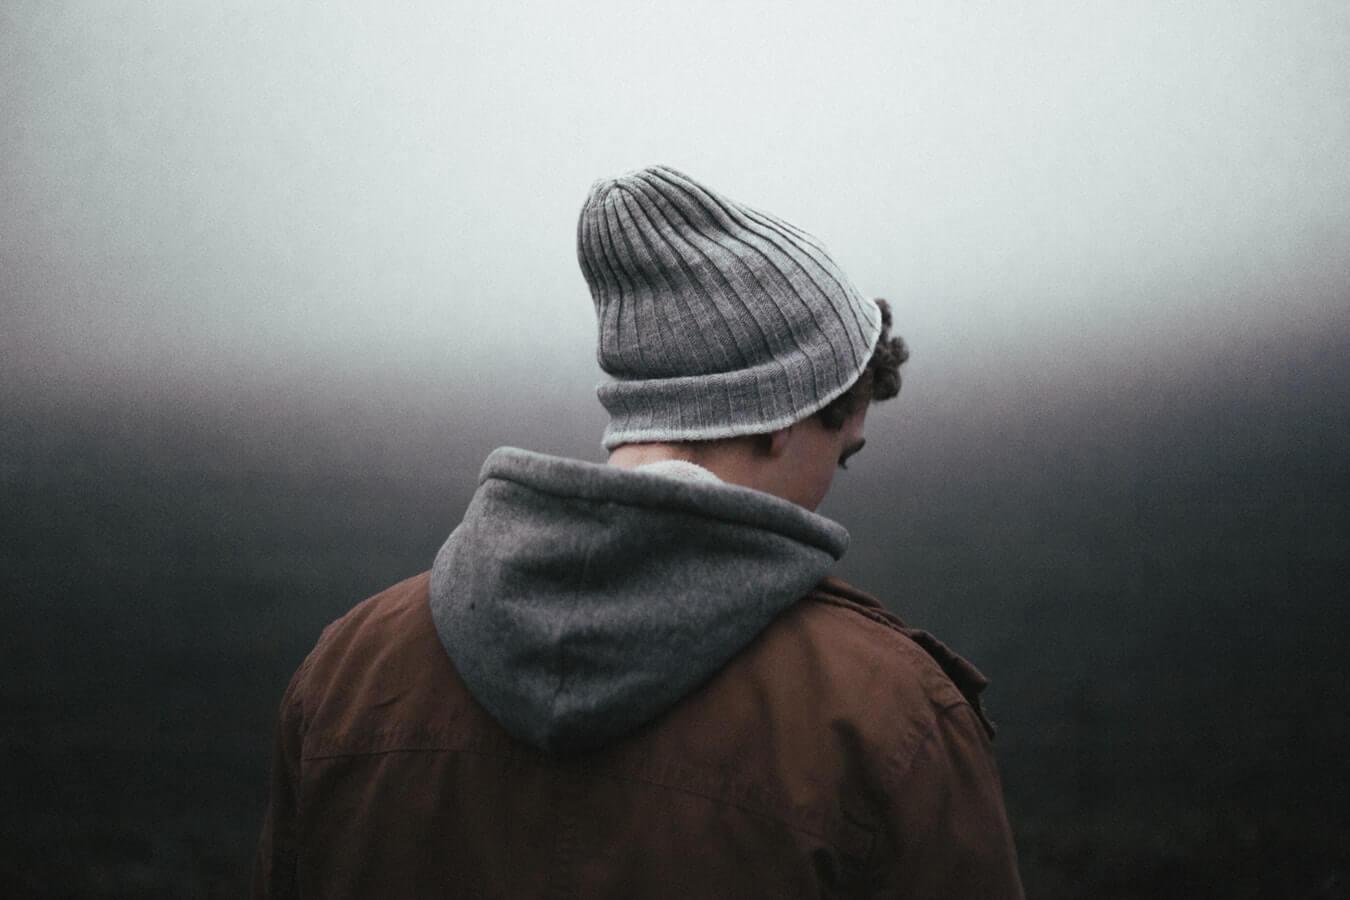 chico de espaldas con gorro que sufre depresión mayor resistente